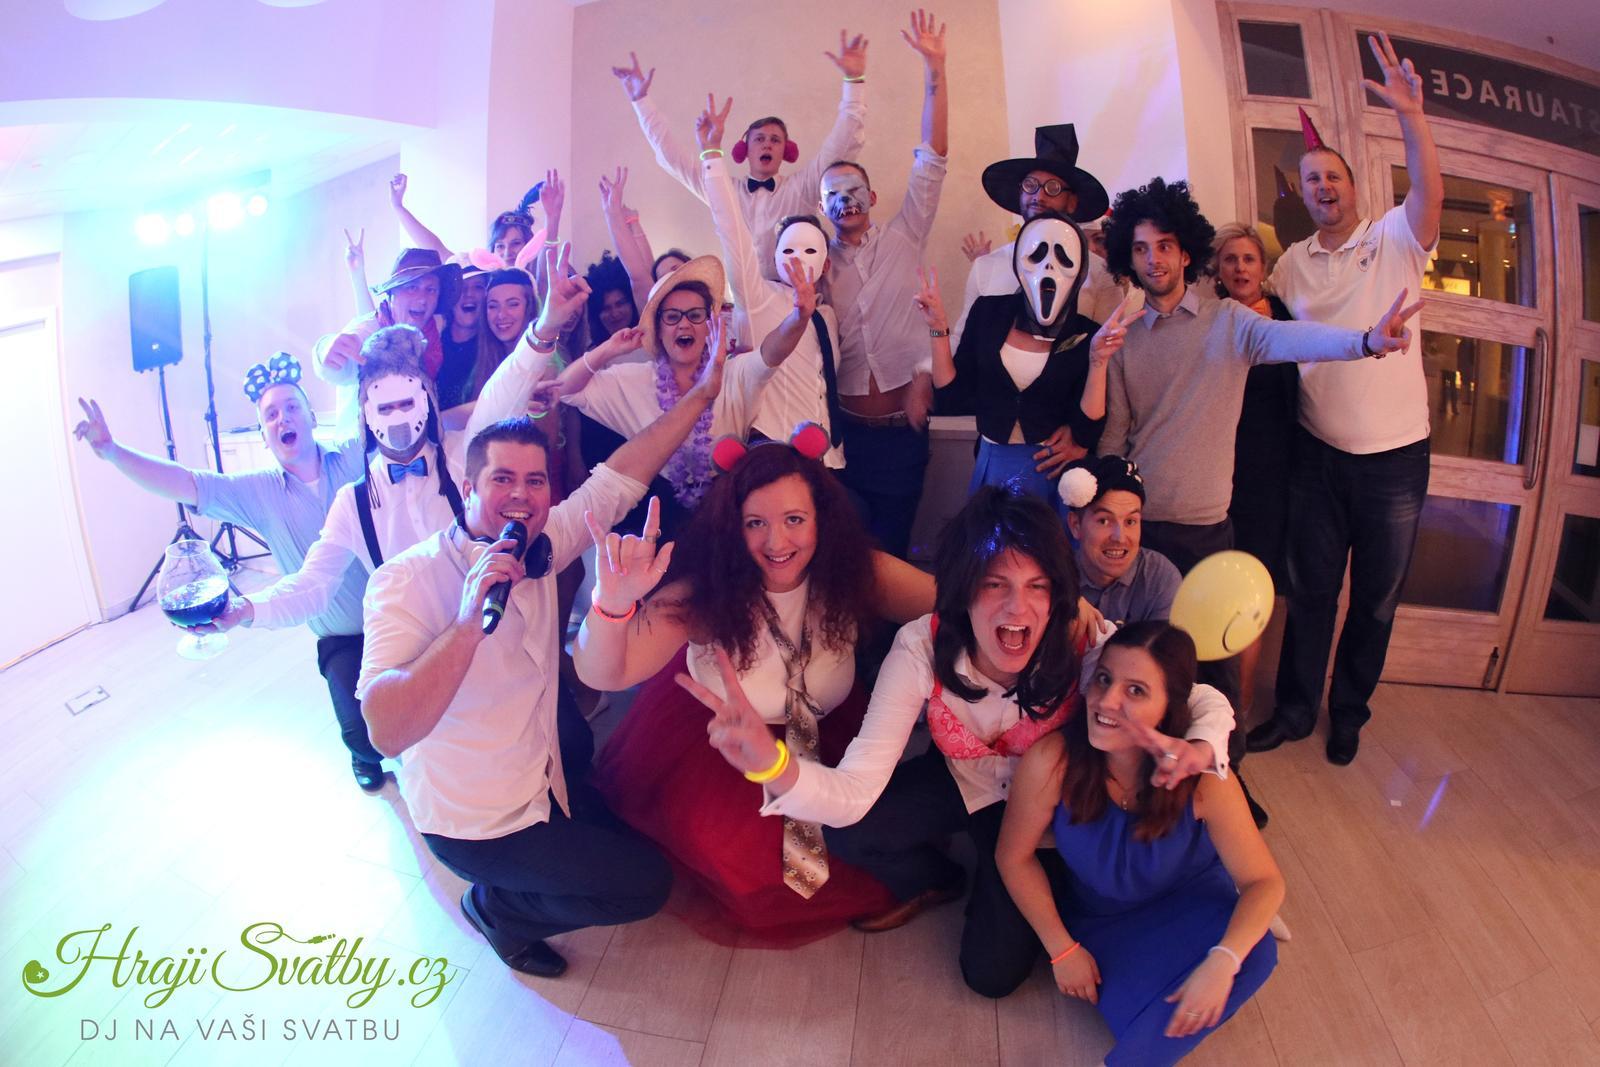 djmech - Svatební pytel - hra plná zábavy